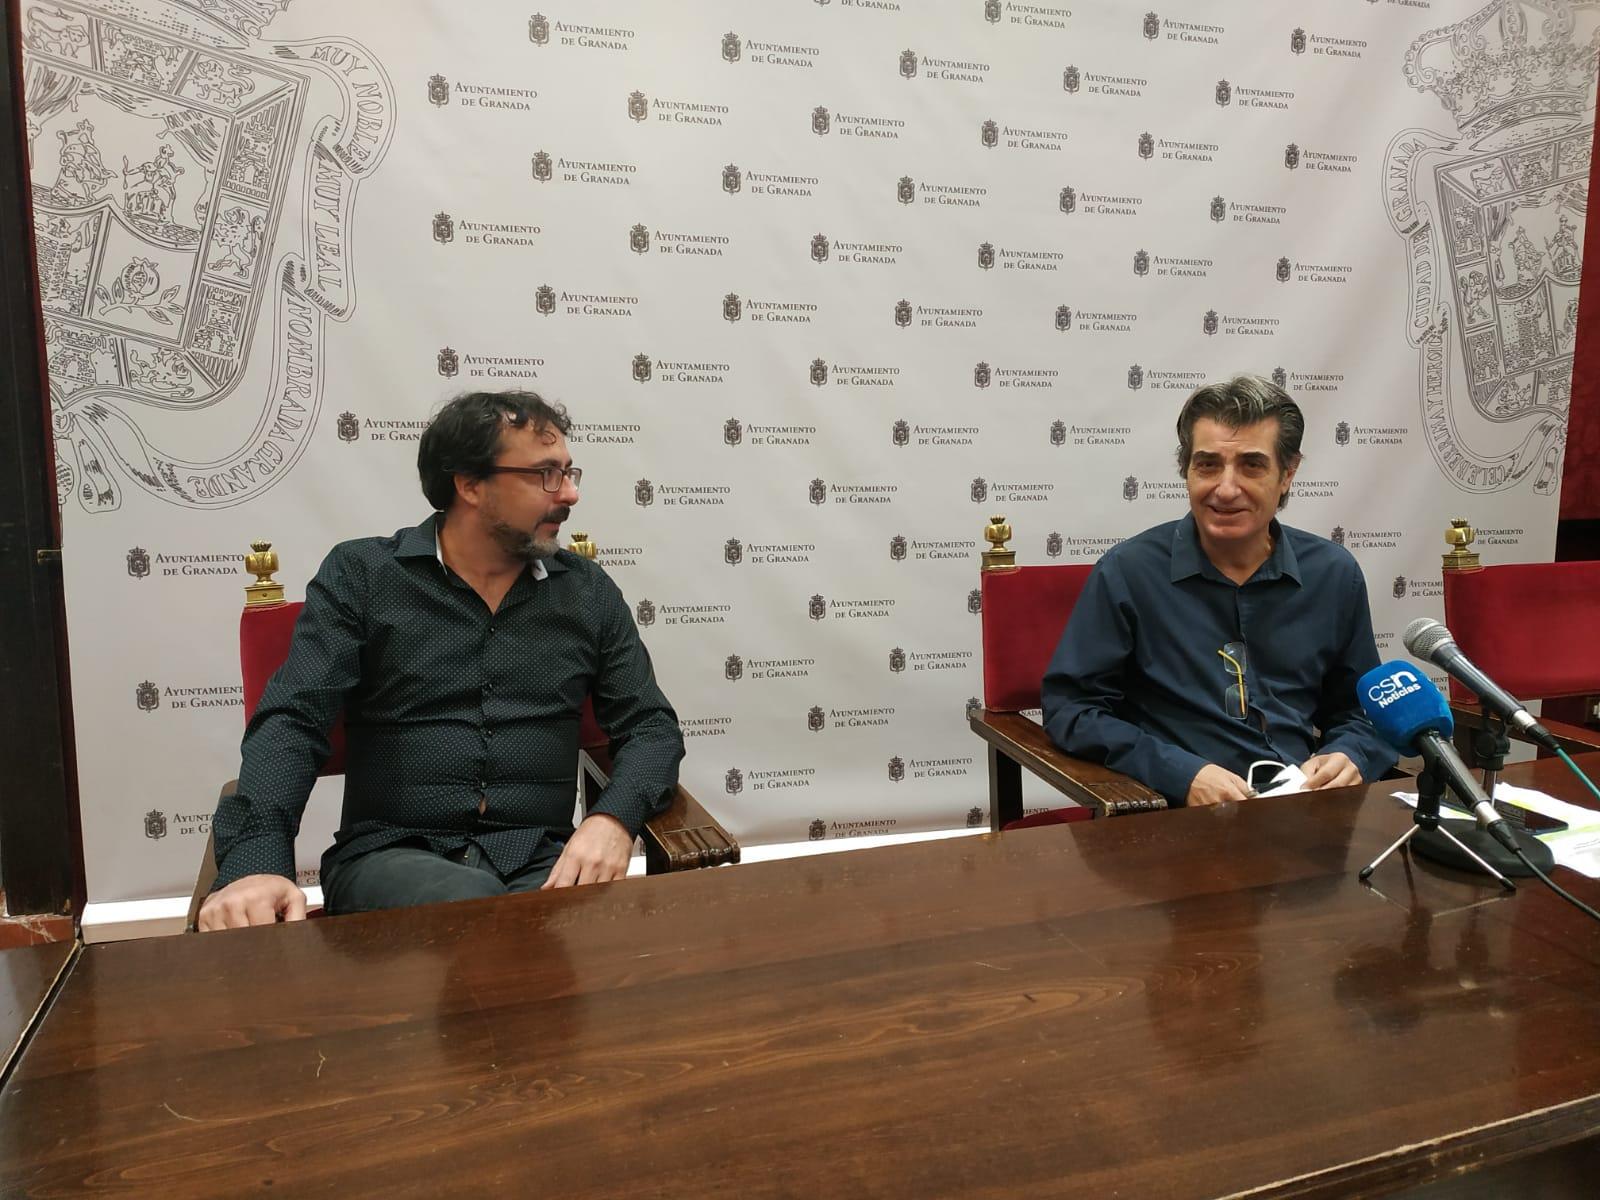 Podemos-IU propone que el Sacromonte se convierta en Barrio Mundial del Flamenco